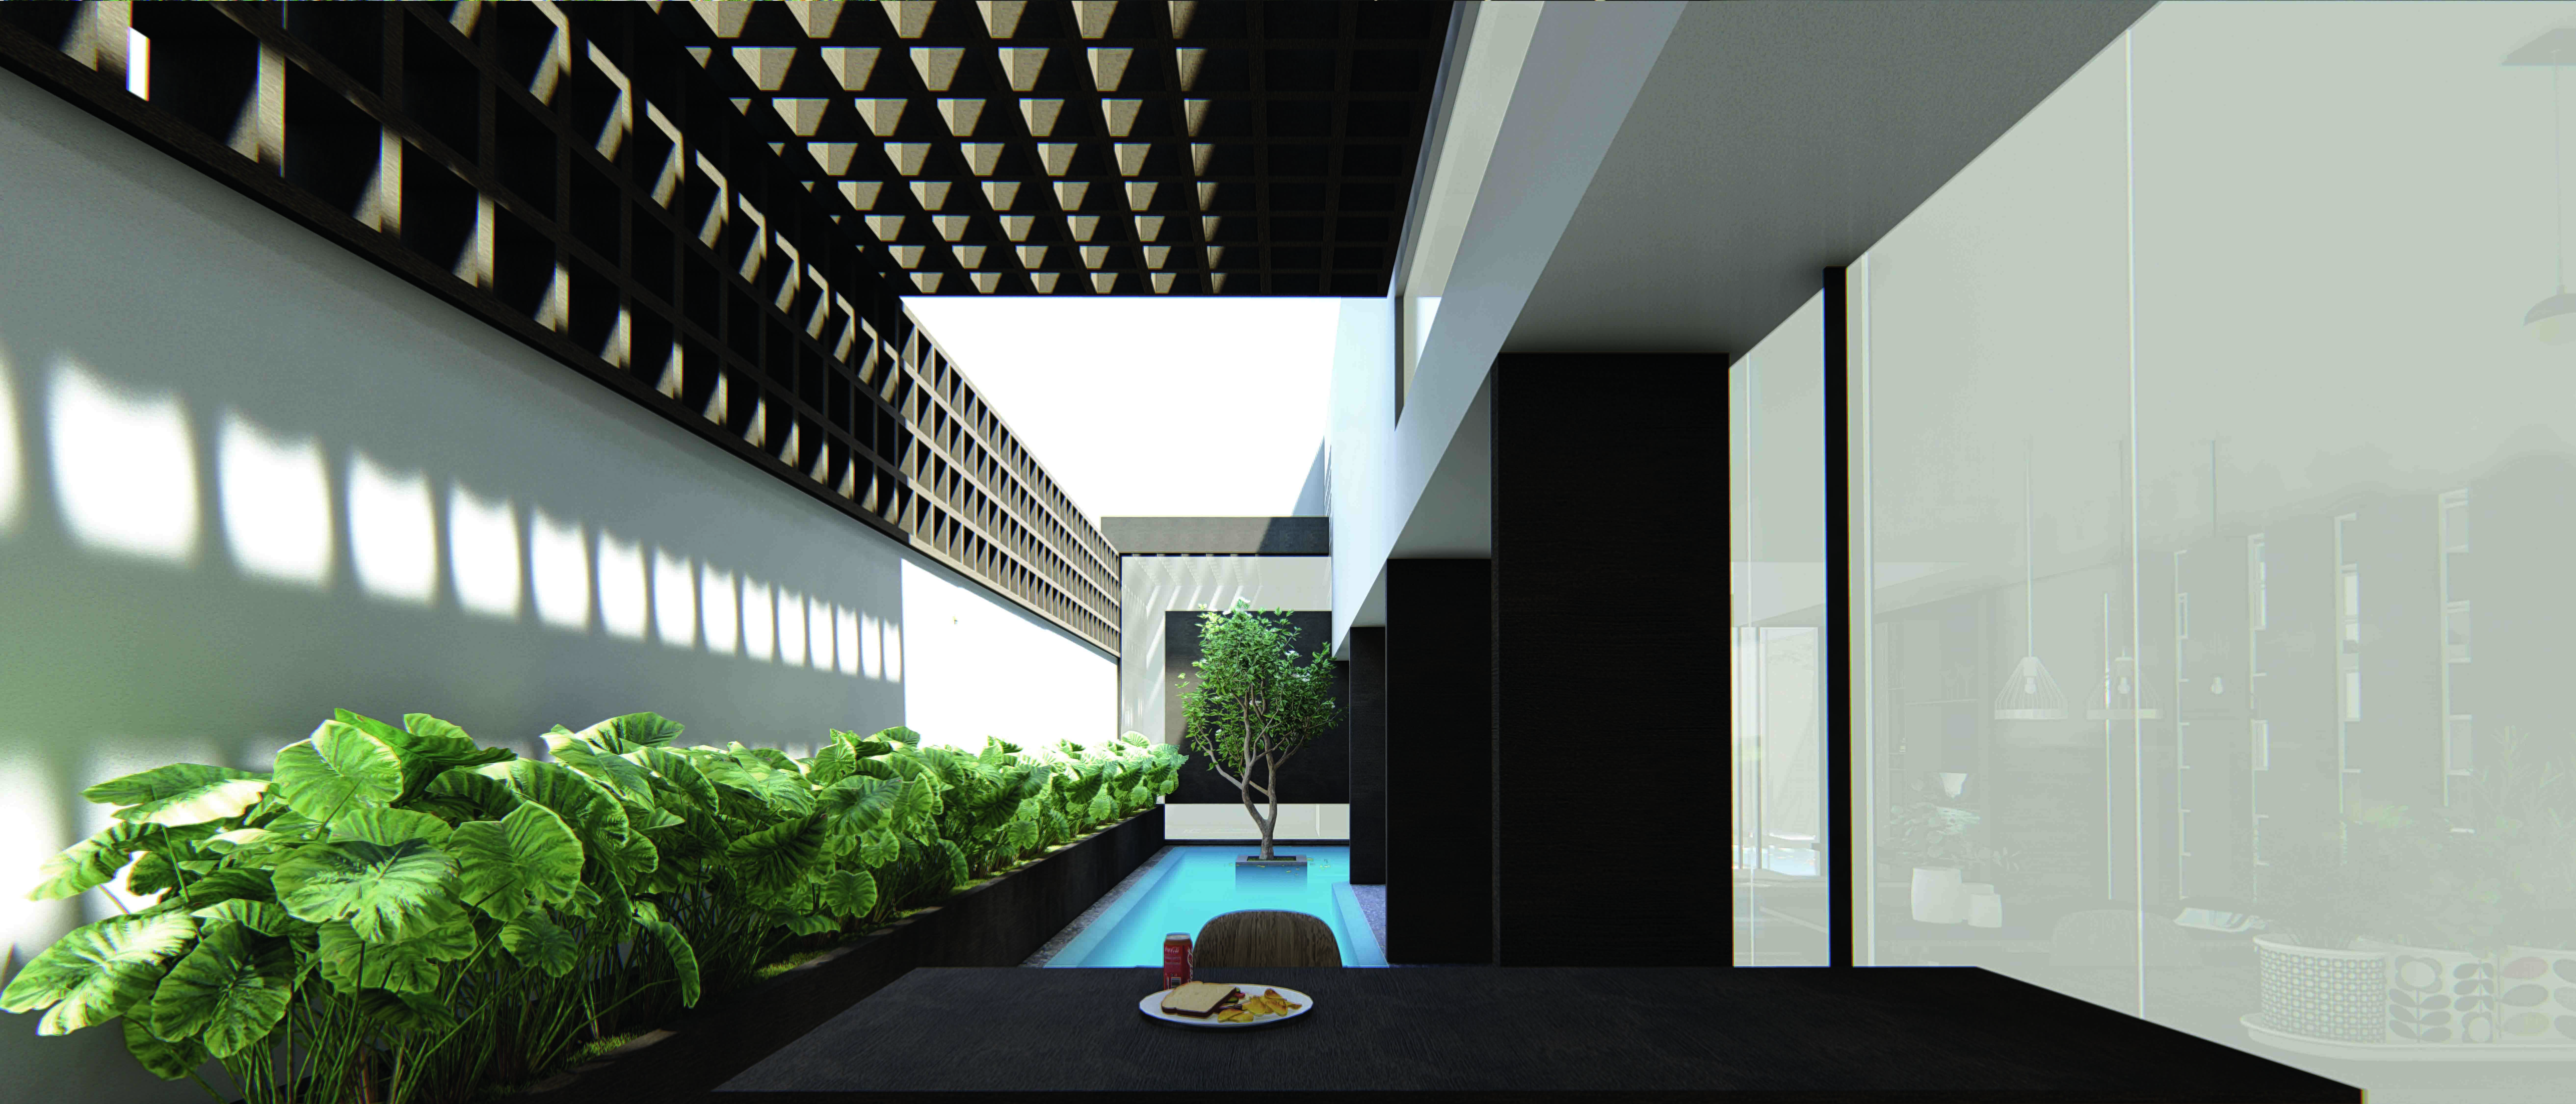 C House - Image 2